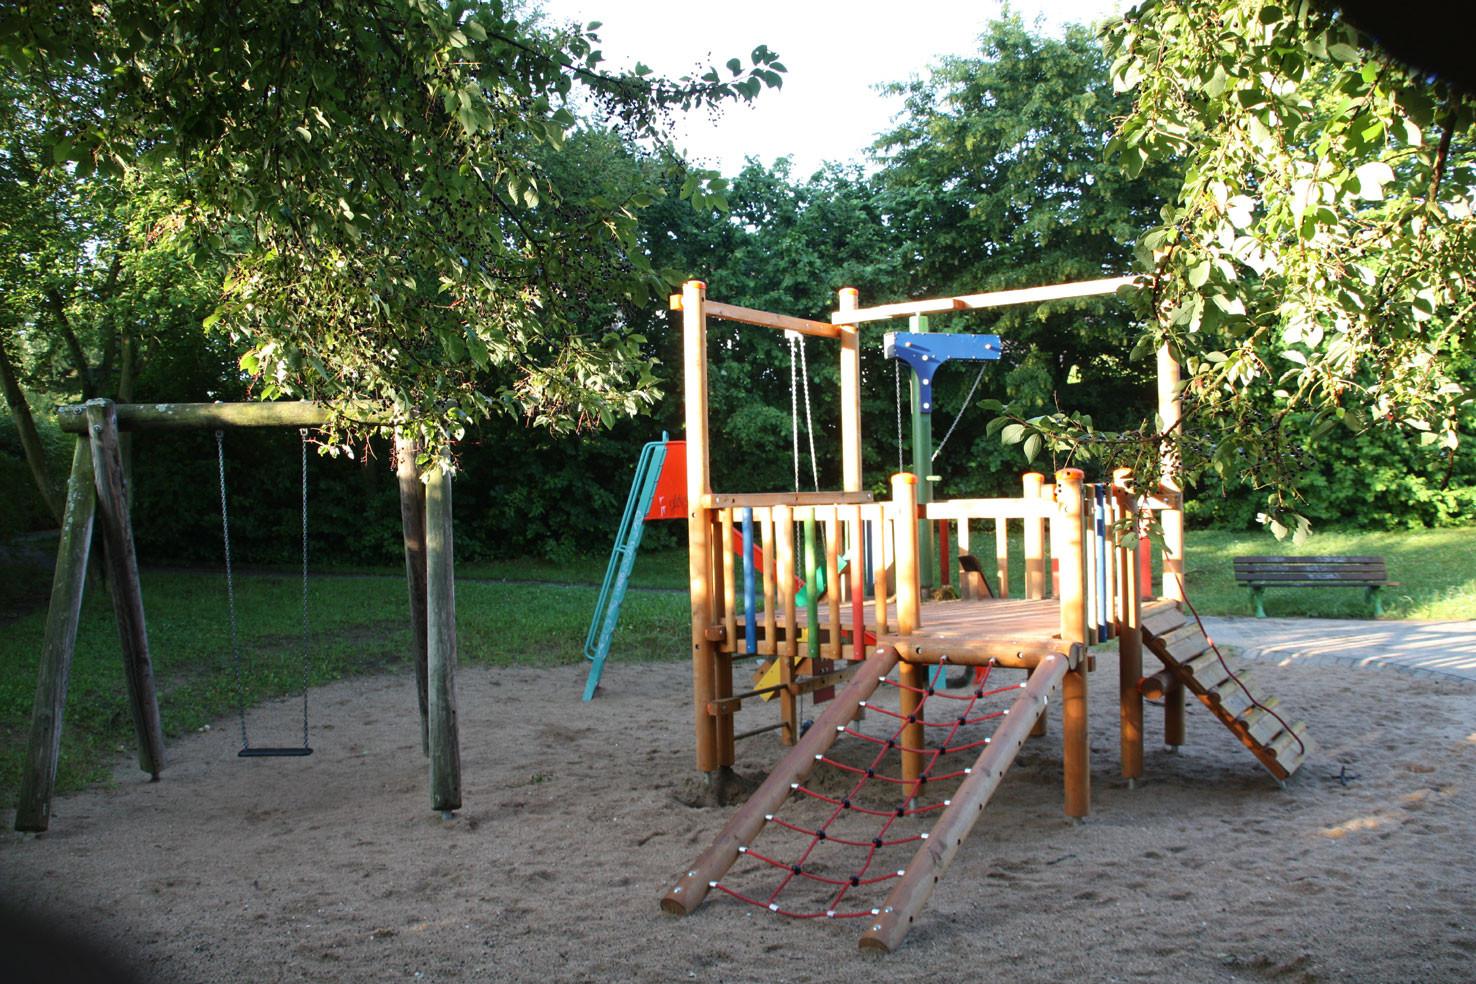 Spielplatz an der Max-Ernst-Str. Ückesdorf - einer von vielen